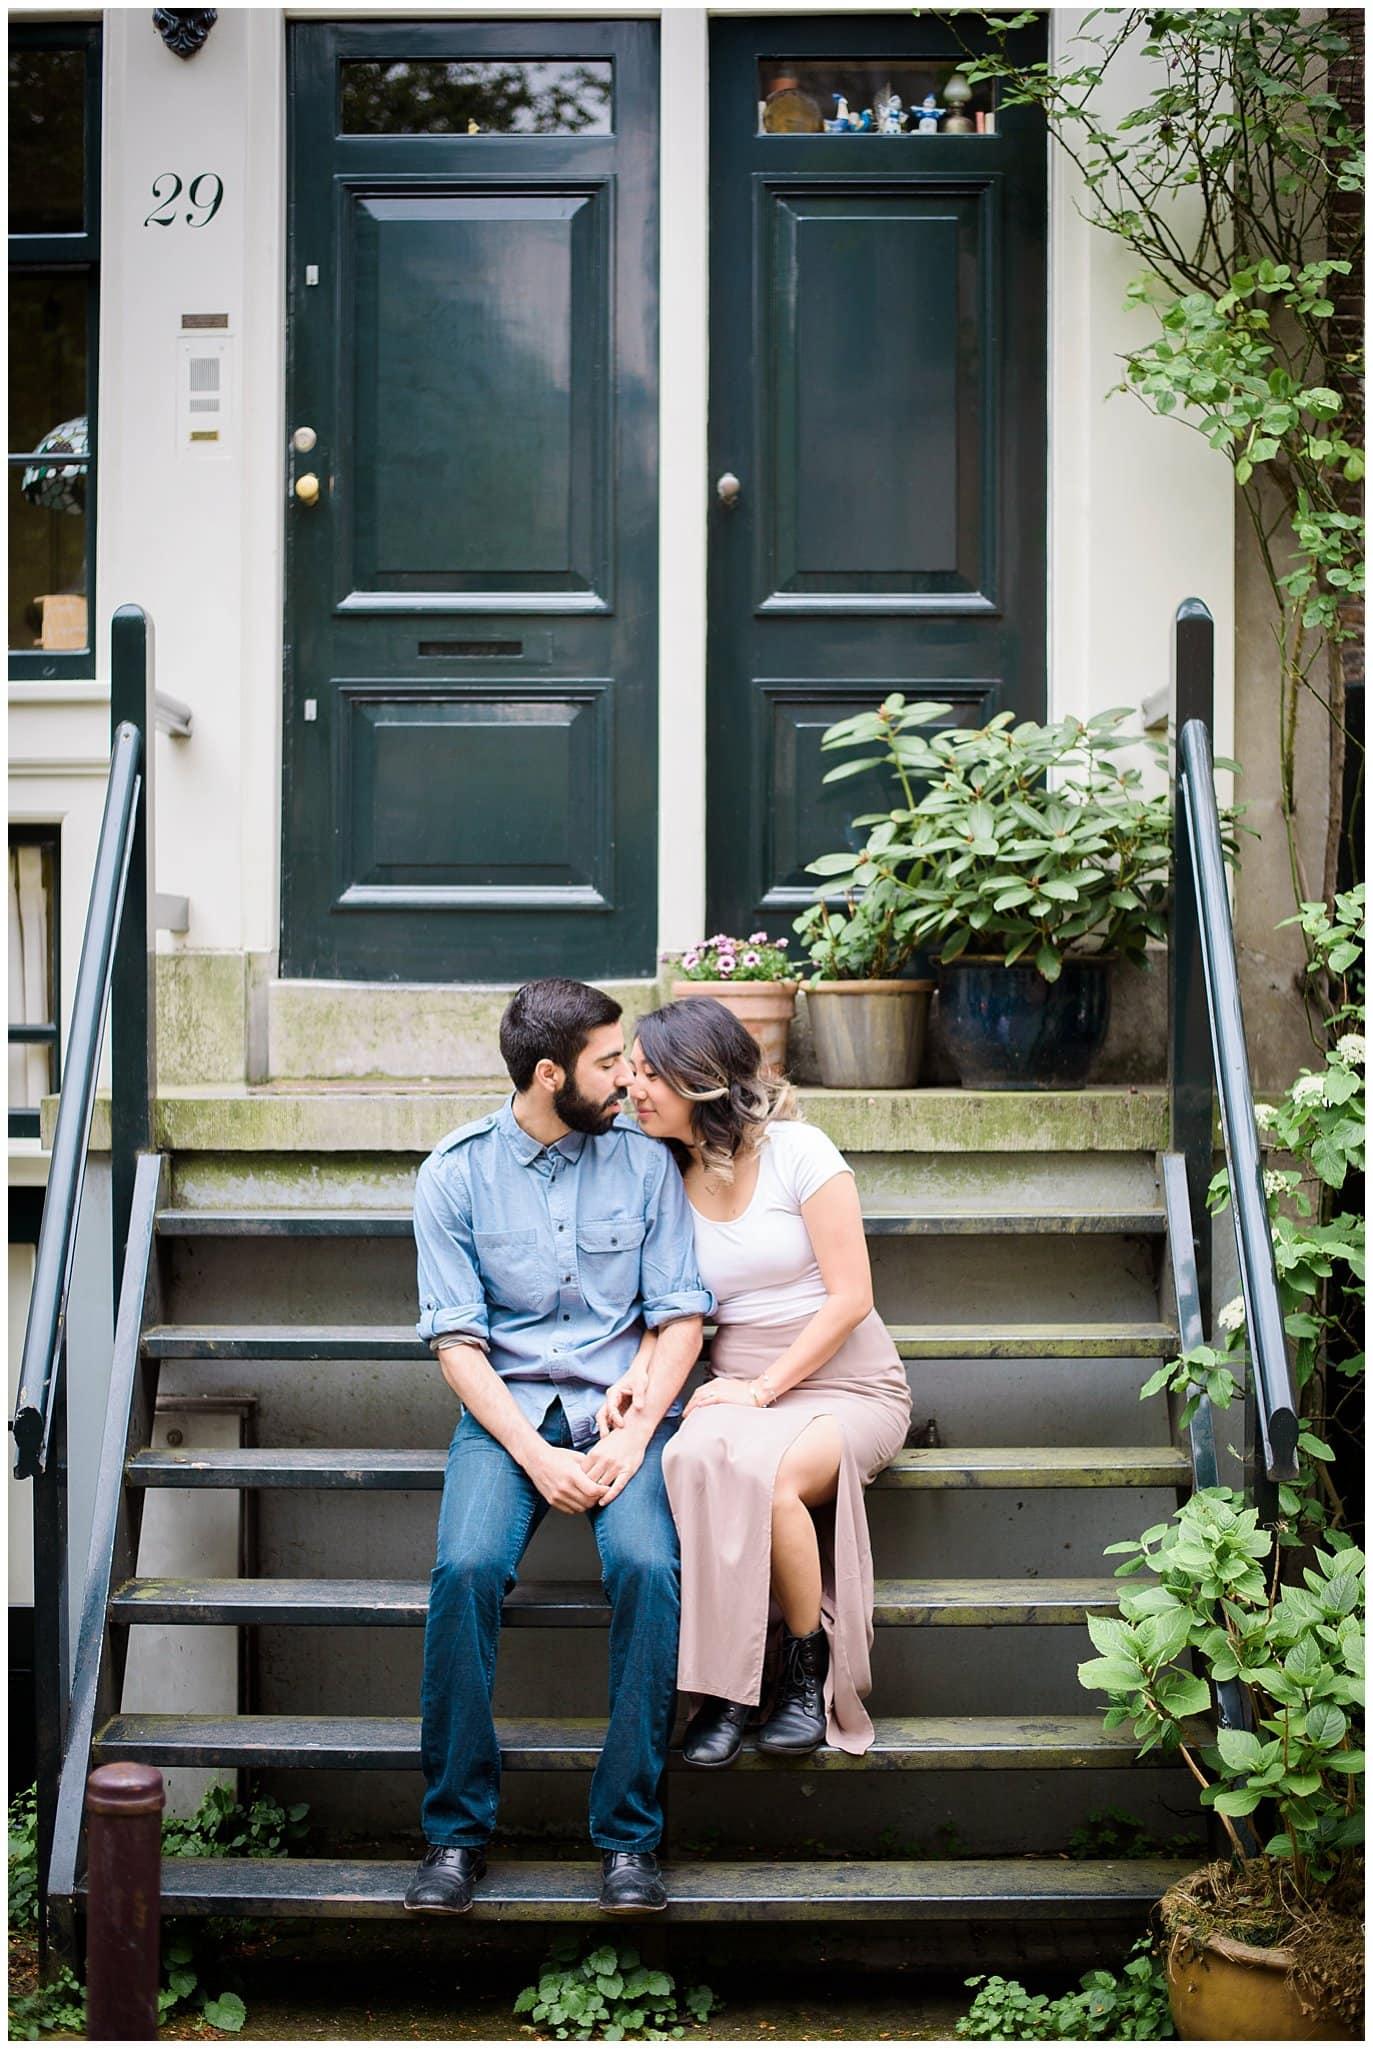 engagement photo on steps in Jordaan Amsterdam